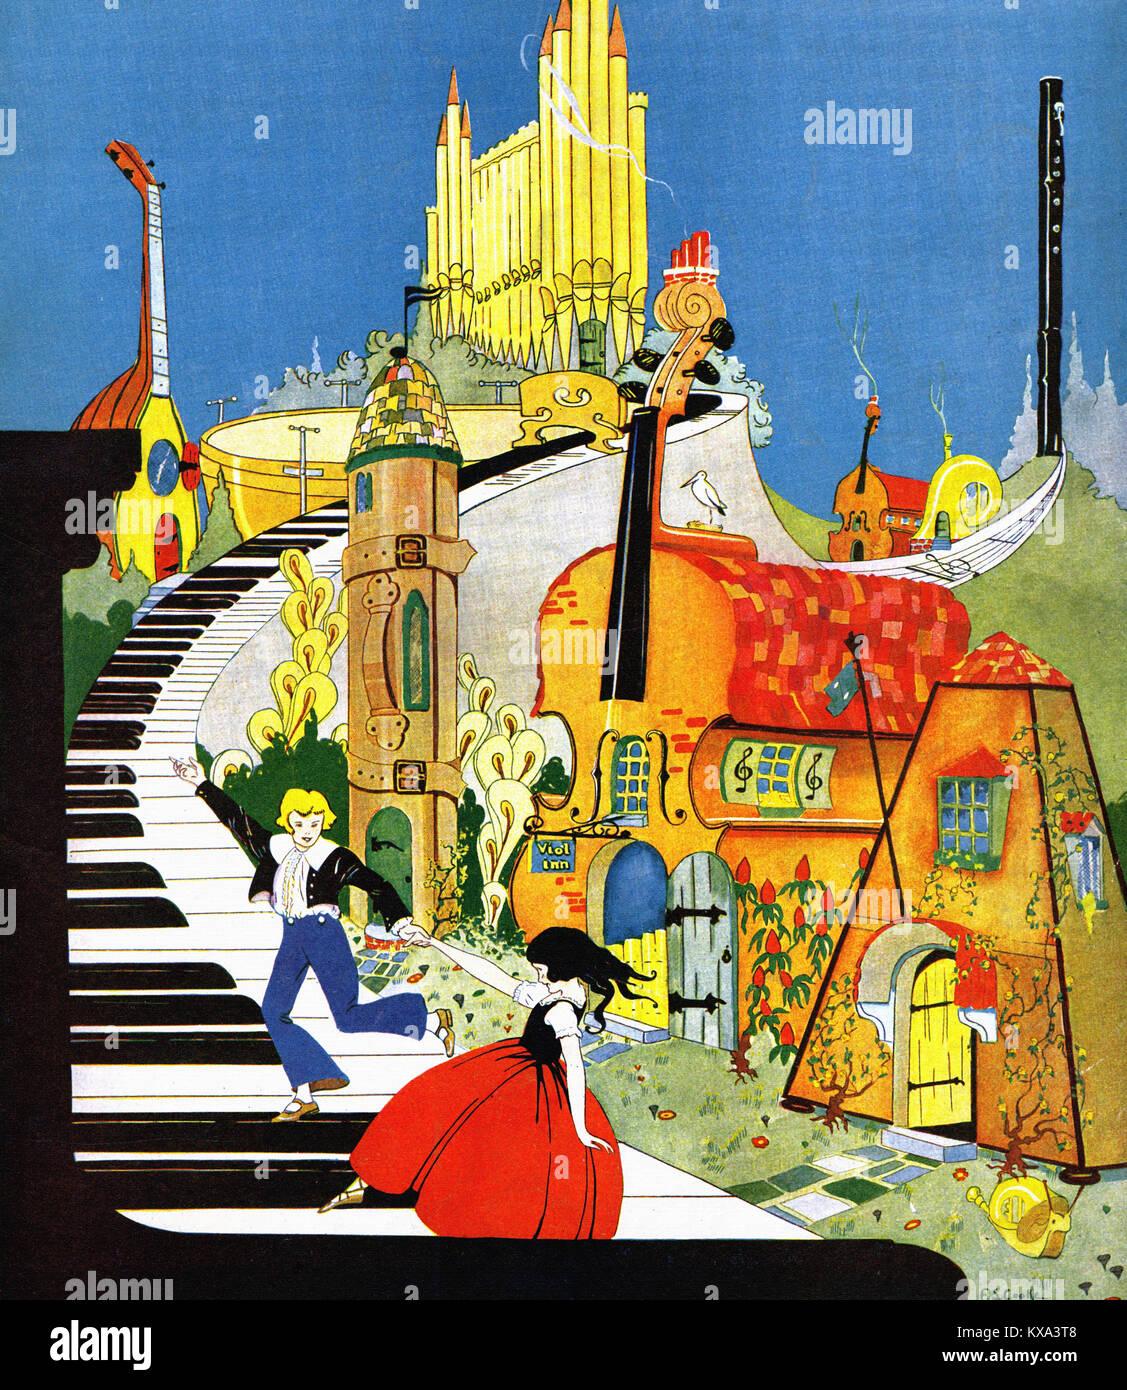 Cartoon Fantasy over a piano - Stock Image